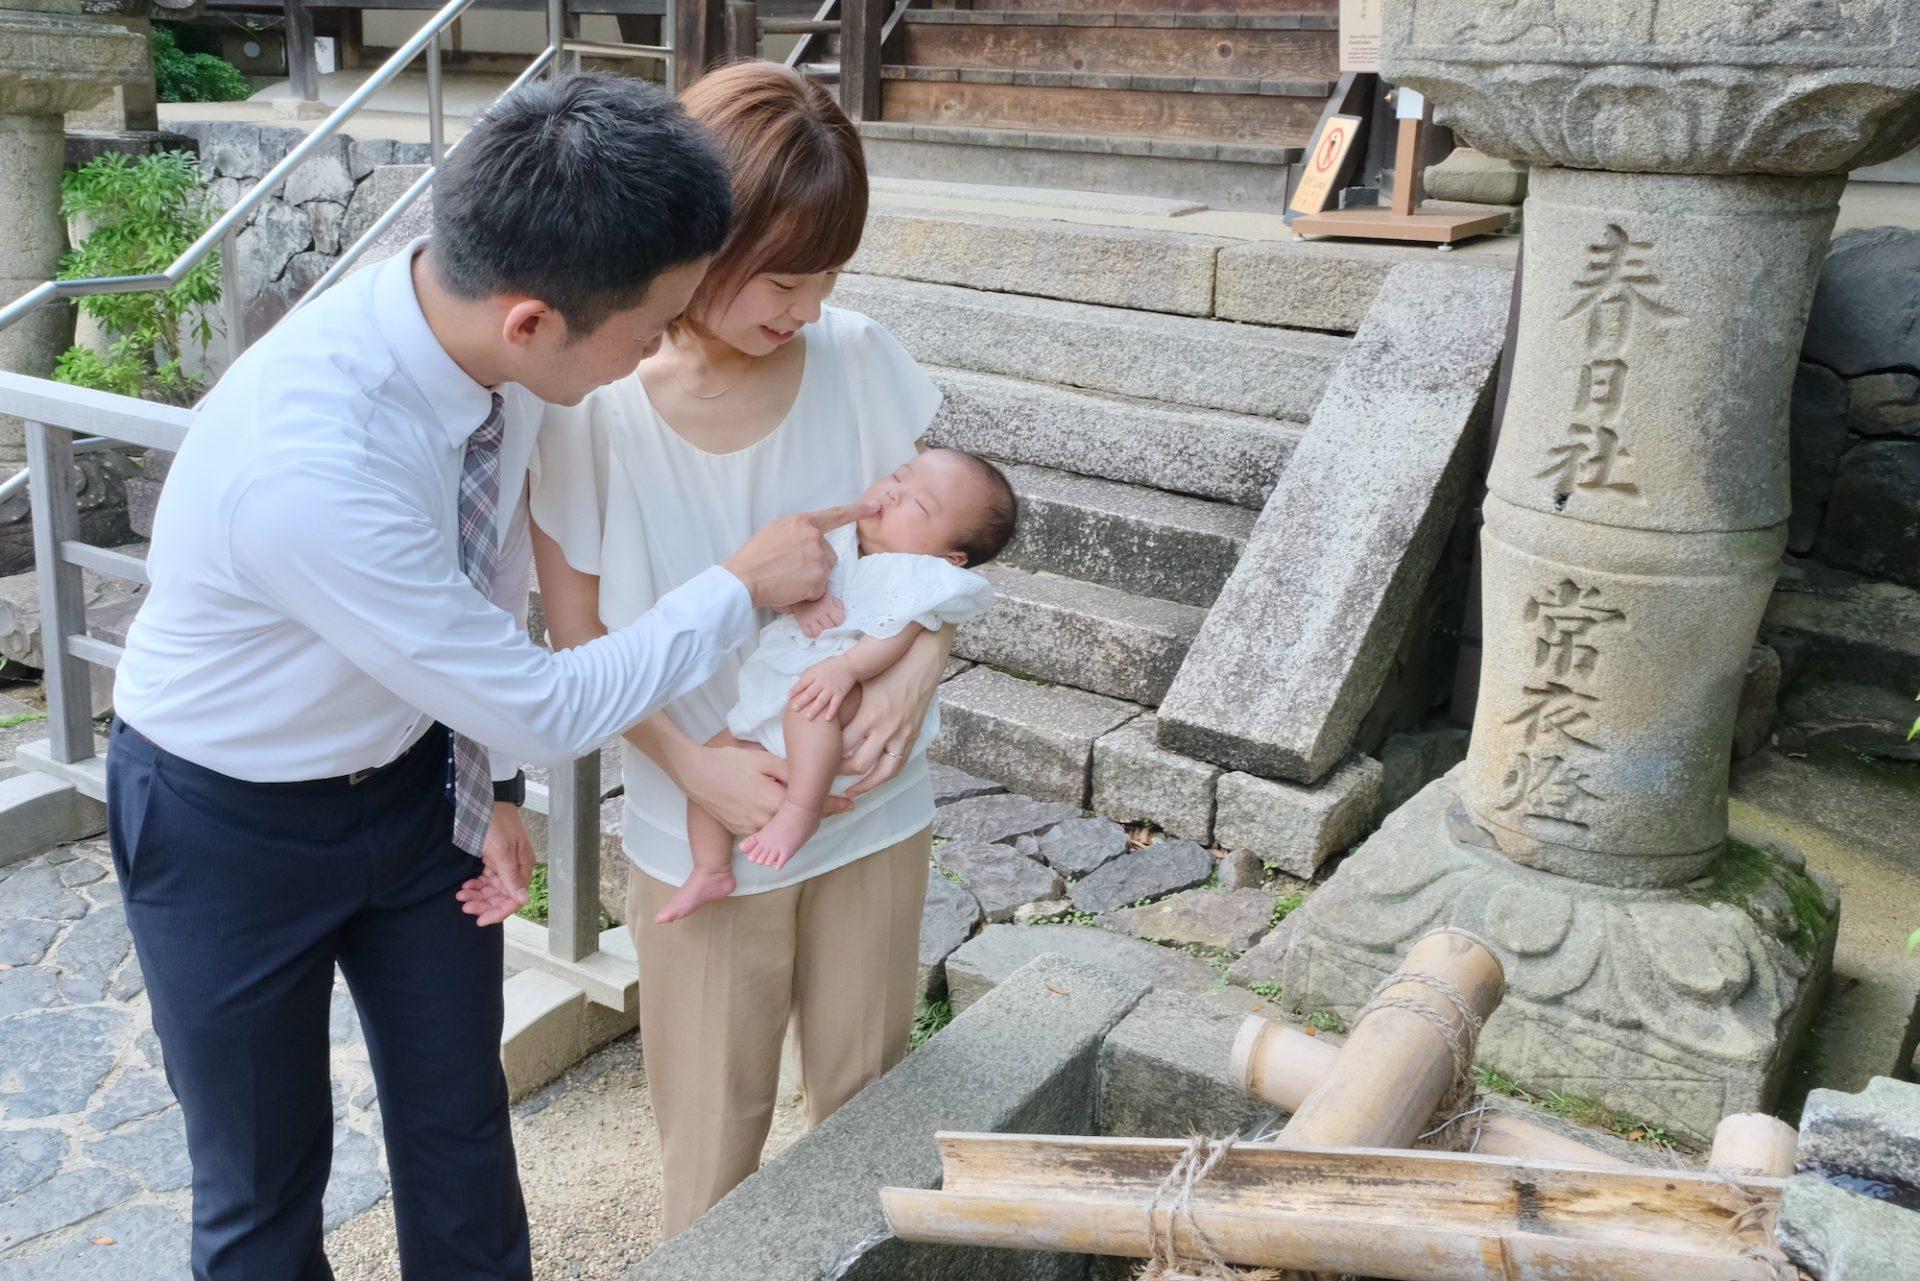 春日大社のお宮参り記念写真